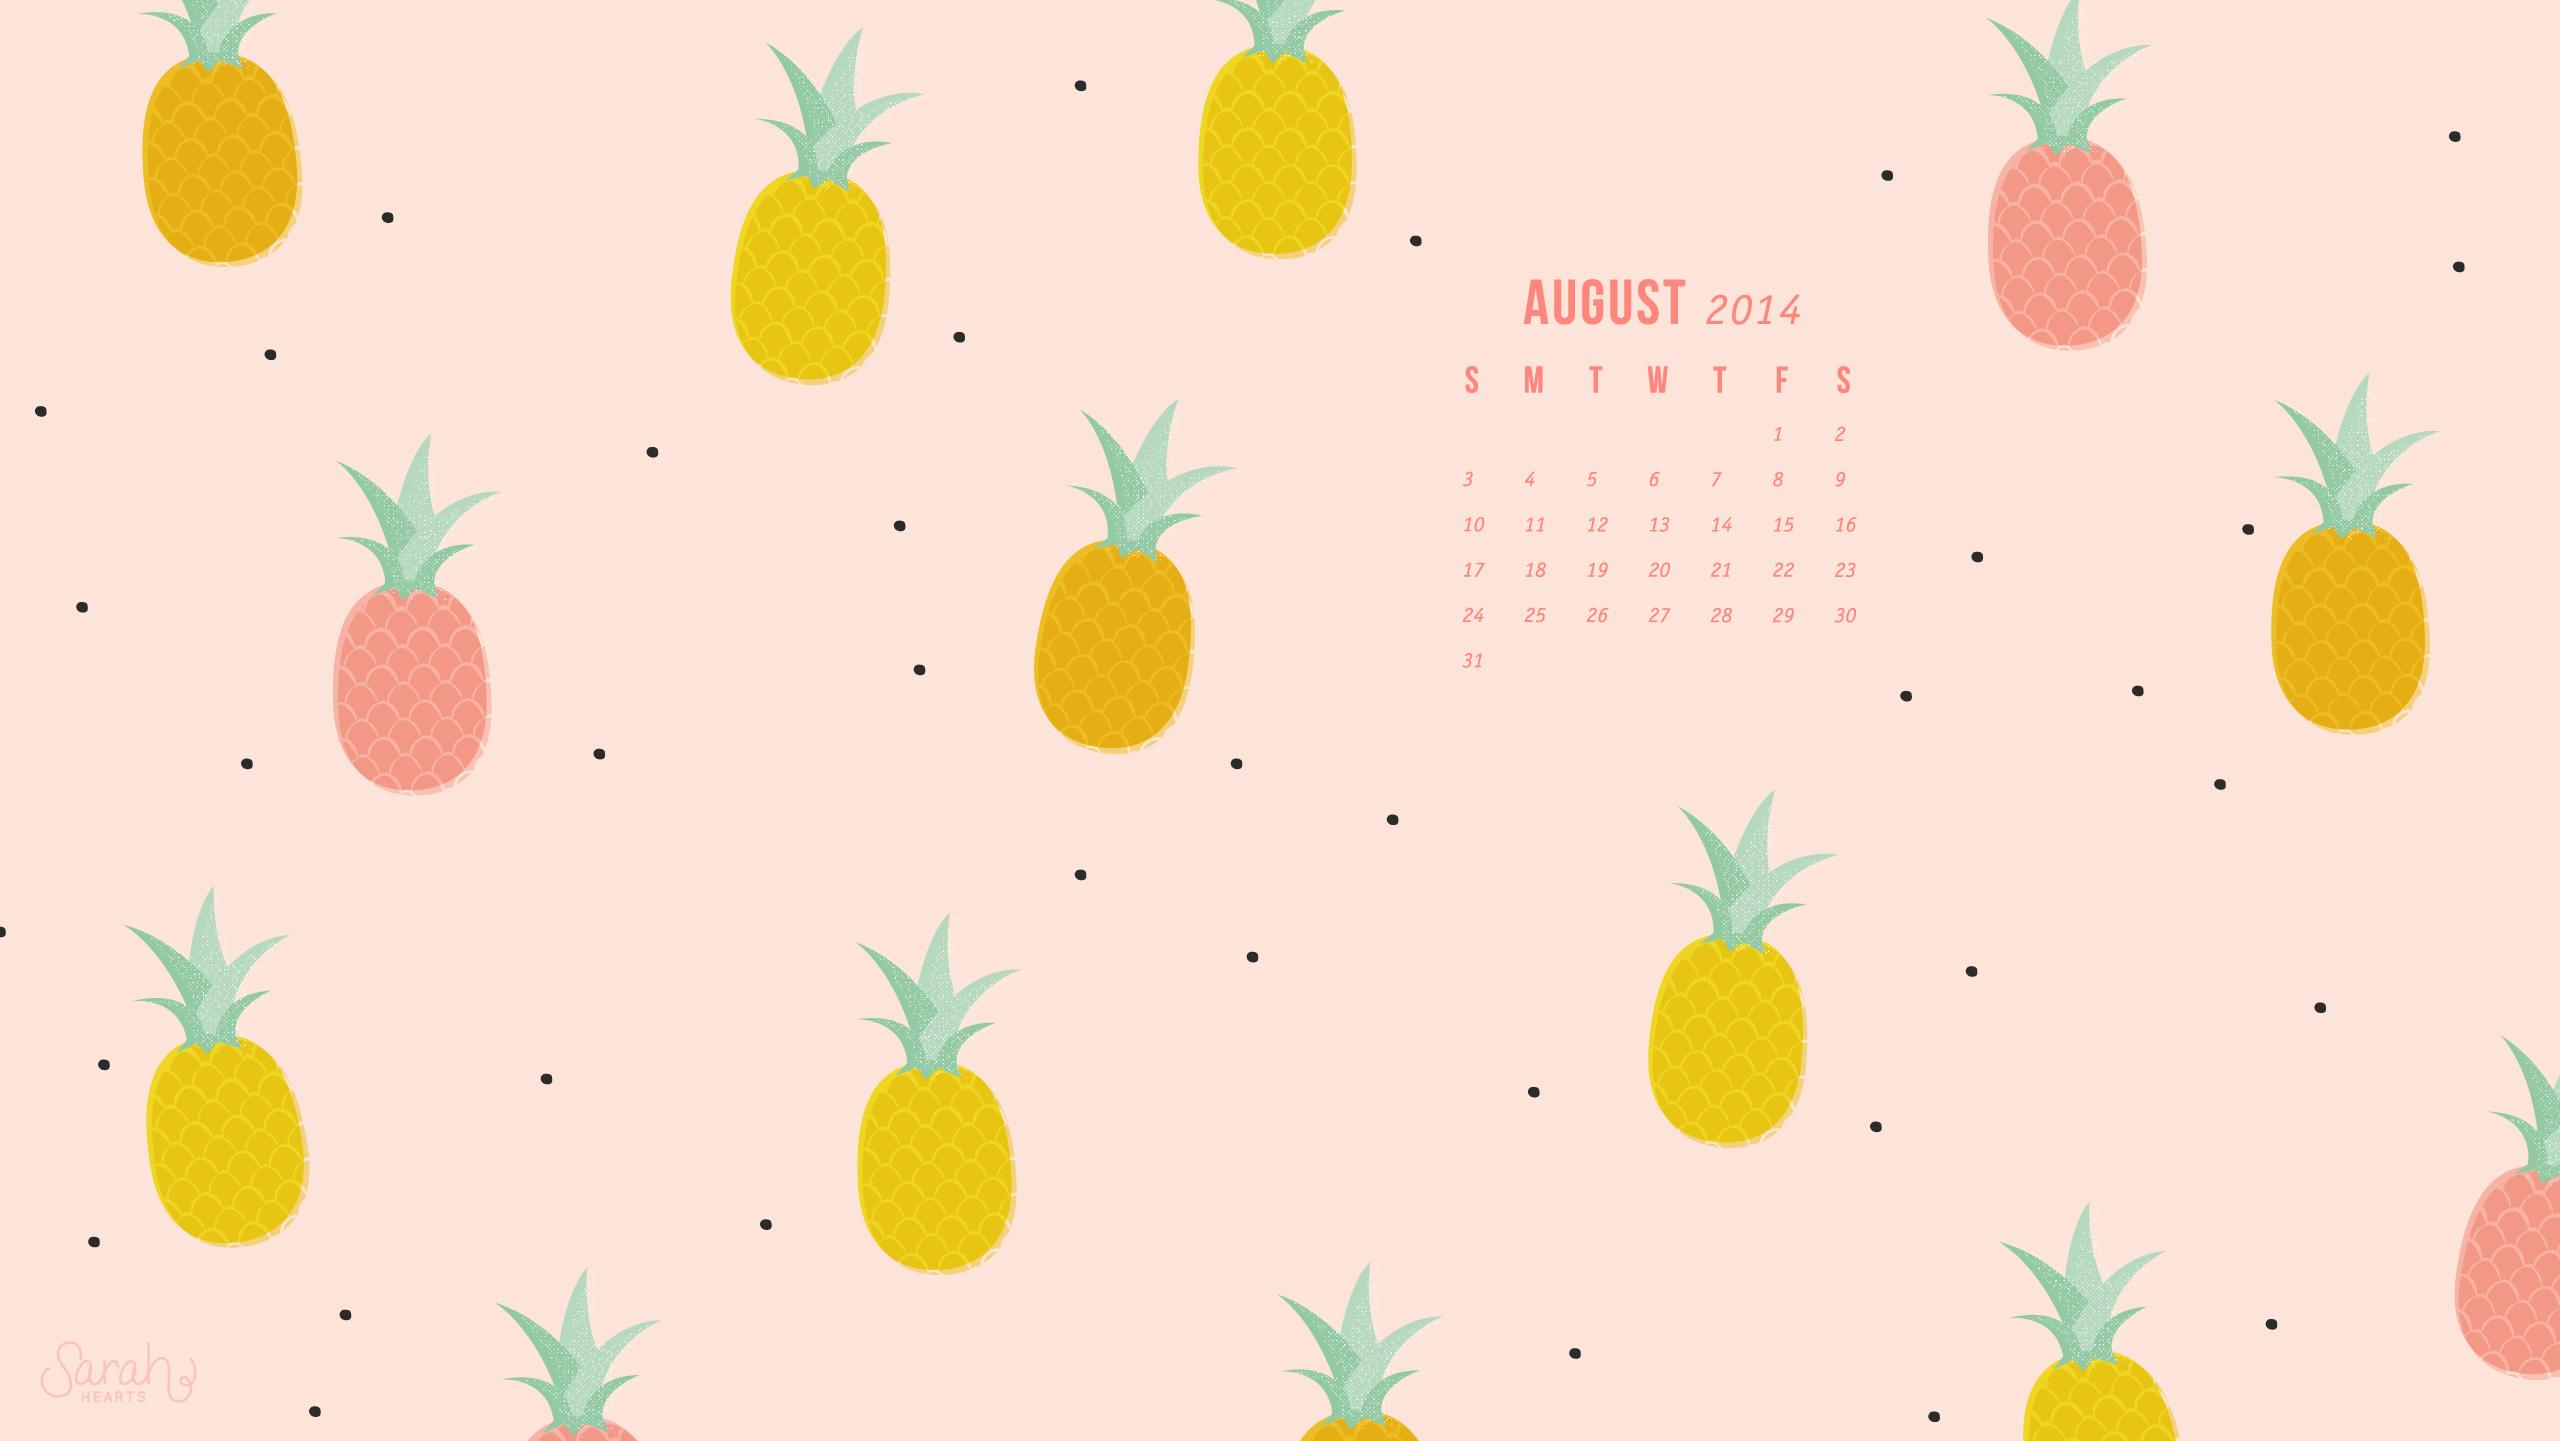 august_2014_wallpaper_calendar_2560x1440